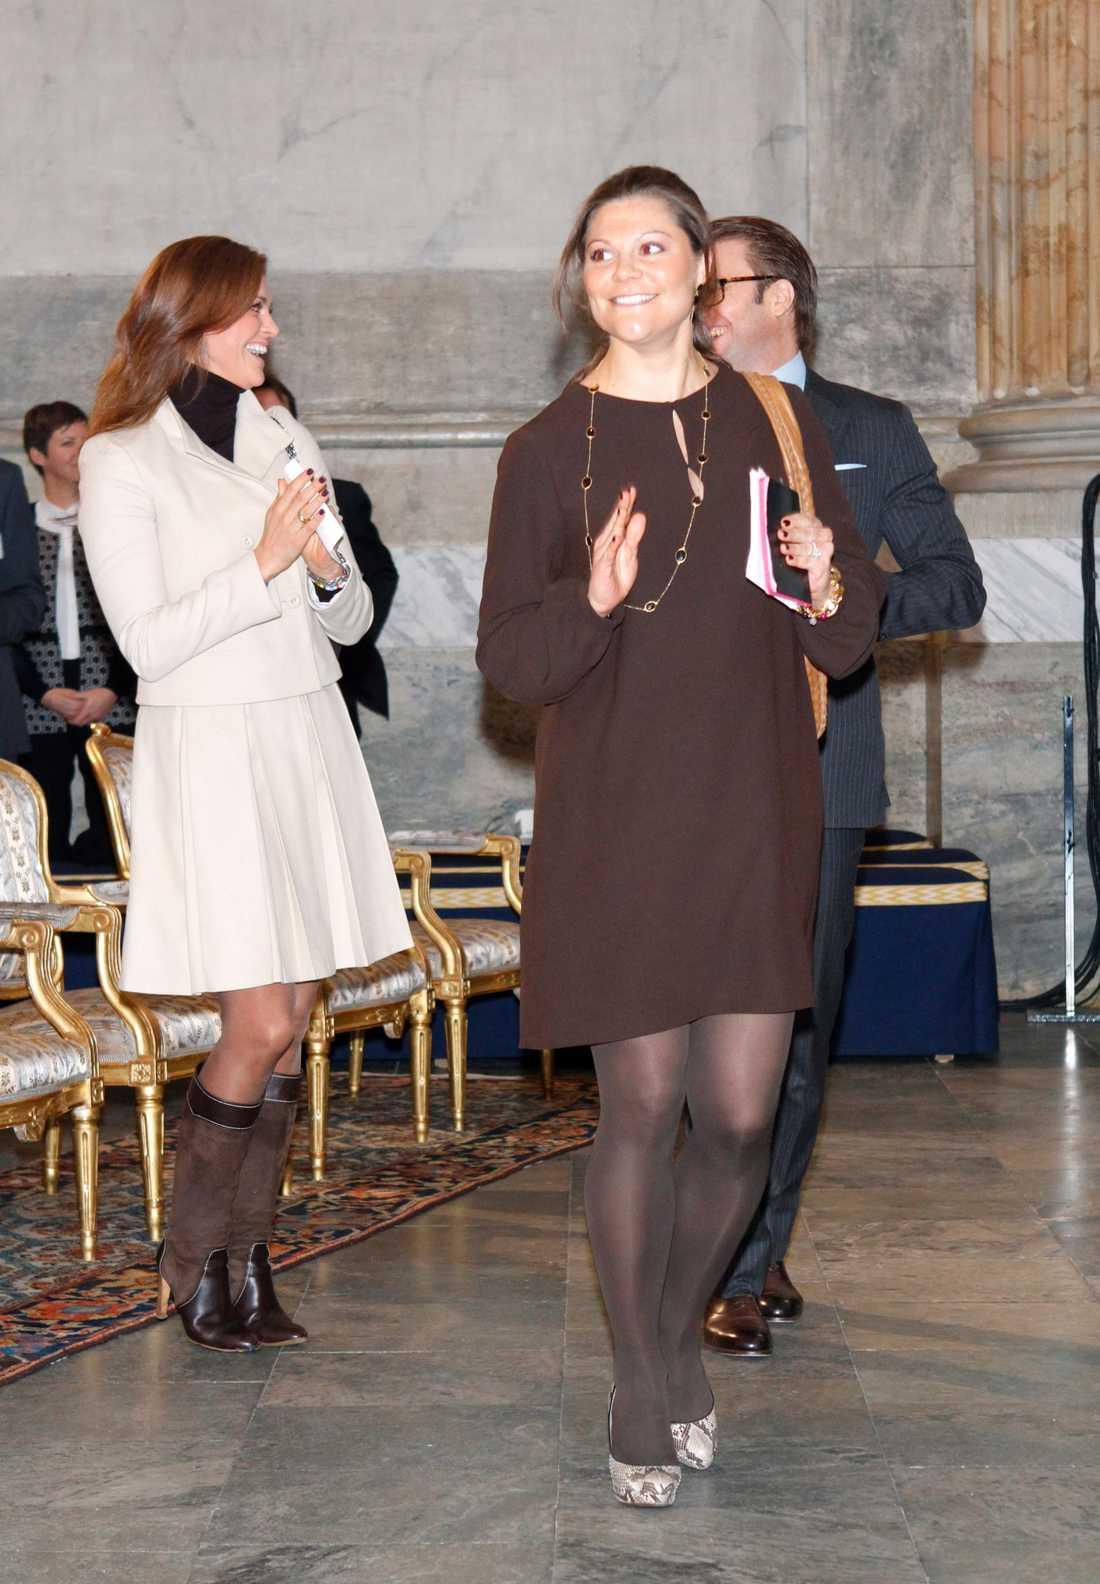 Kronprinsessan Victoria i ormskinnsskor och svart klänning vid World Child Youth Forum i Rikssalen i kungliga slottet i Stockholm